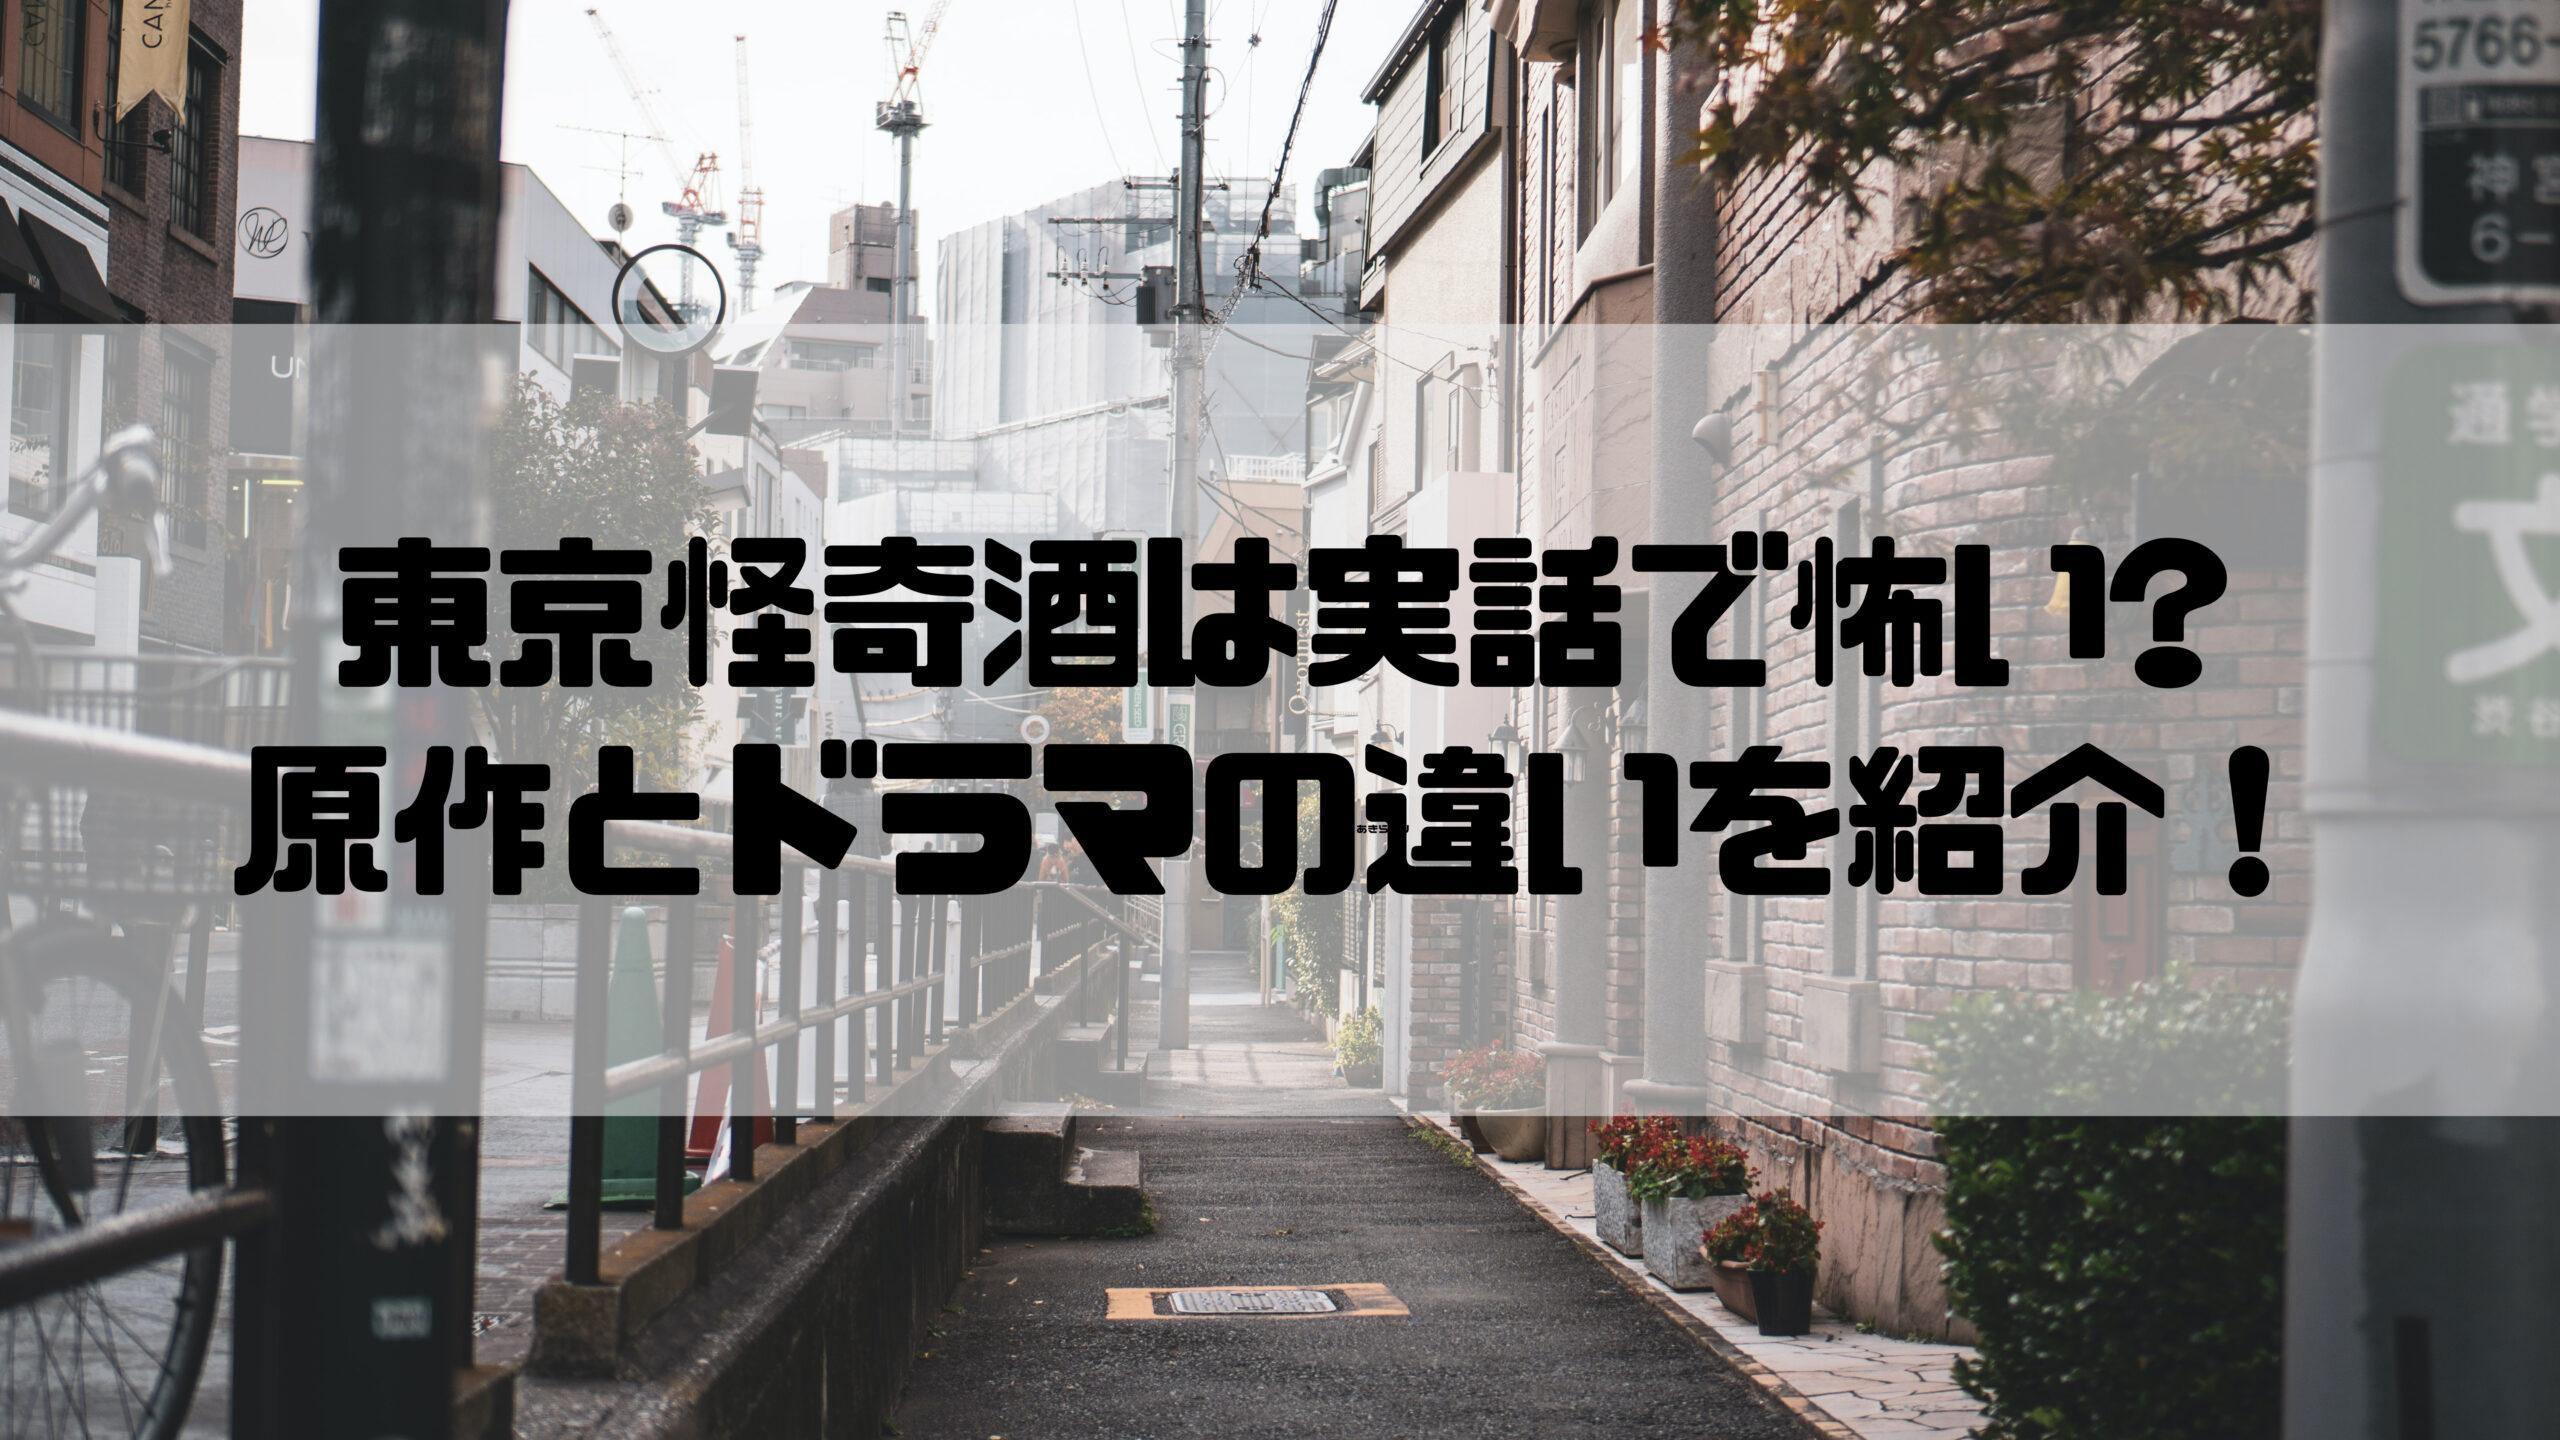 東京怪奇酒は実話で怖い?原作とドラマの違いは?